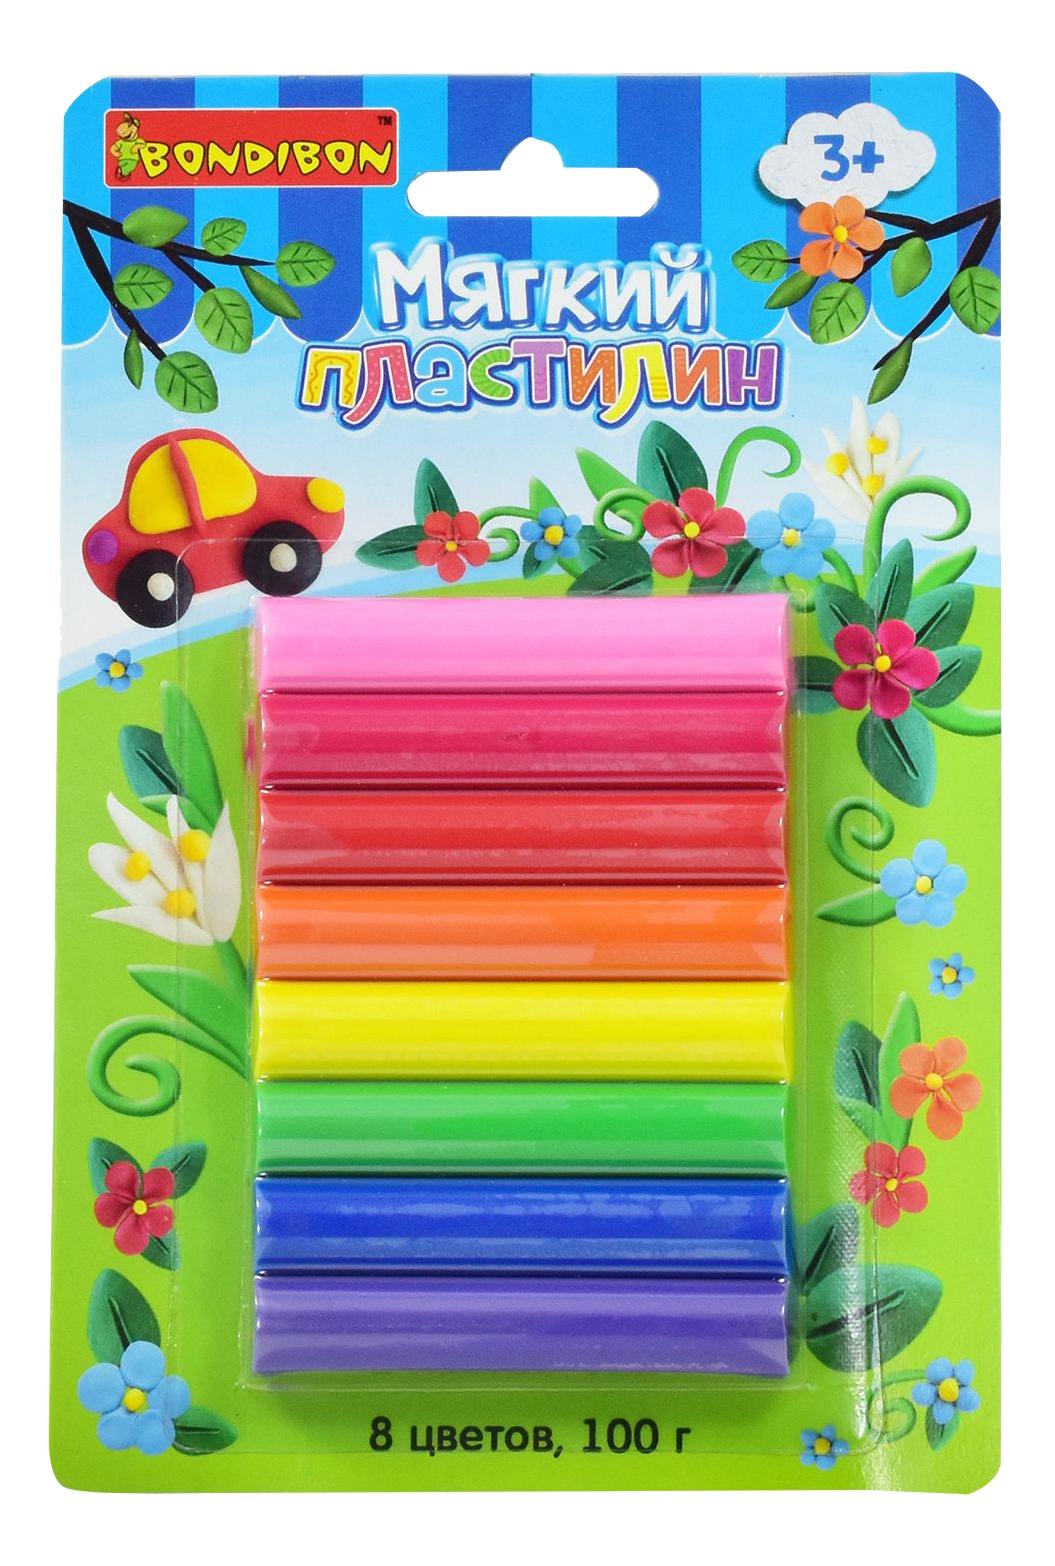 Купить Пластилин 8 цветов, Набор для лепки из пластилина Bondibon Пластилин 8 цветов,